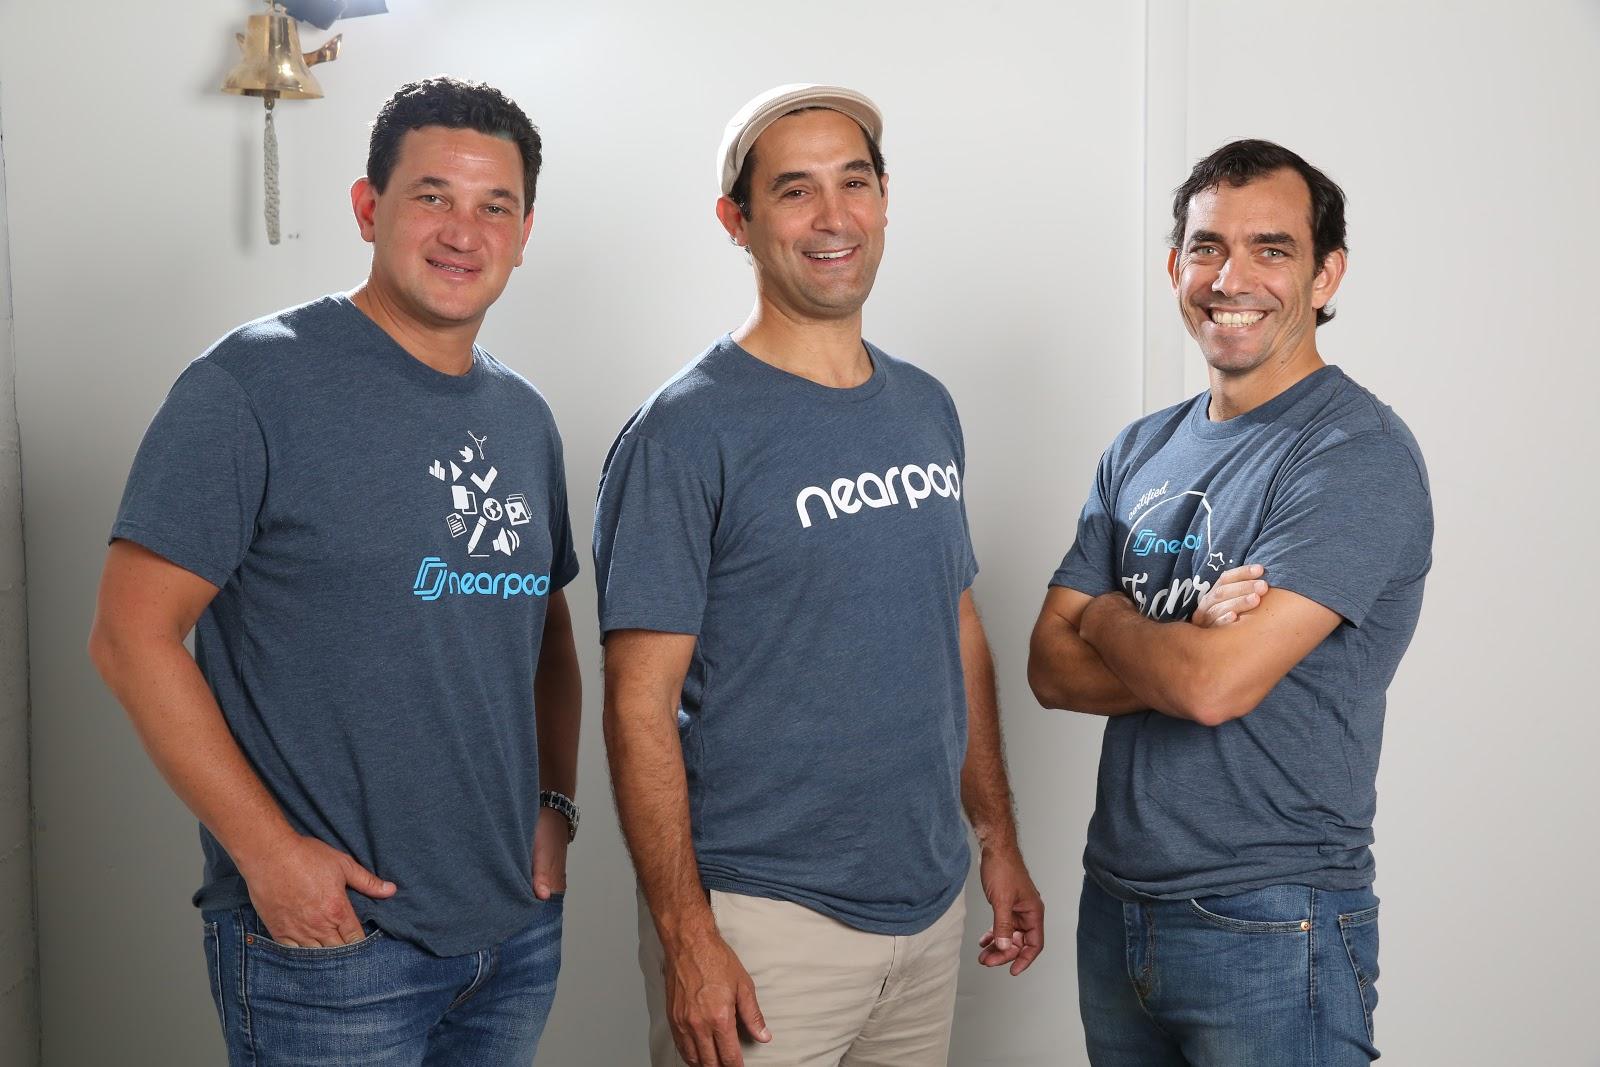 Nearpod leaders Felipe Sommer, Emiliano Abramzon, and Pep Carrera